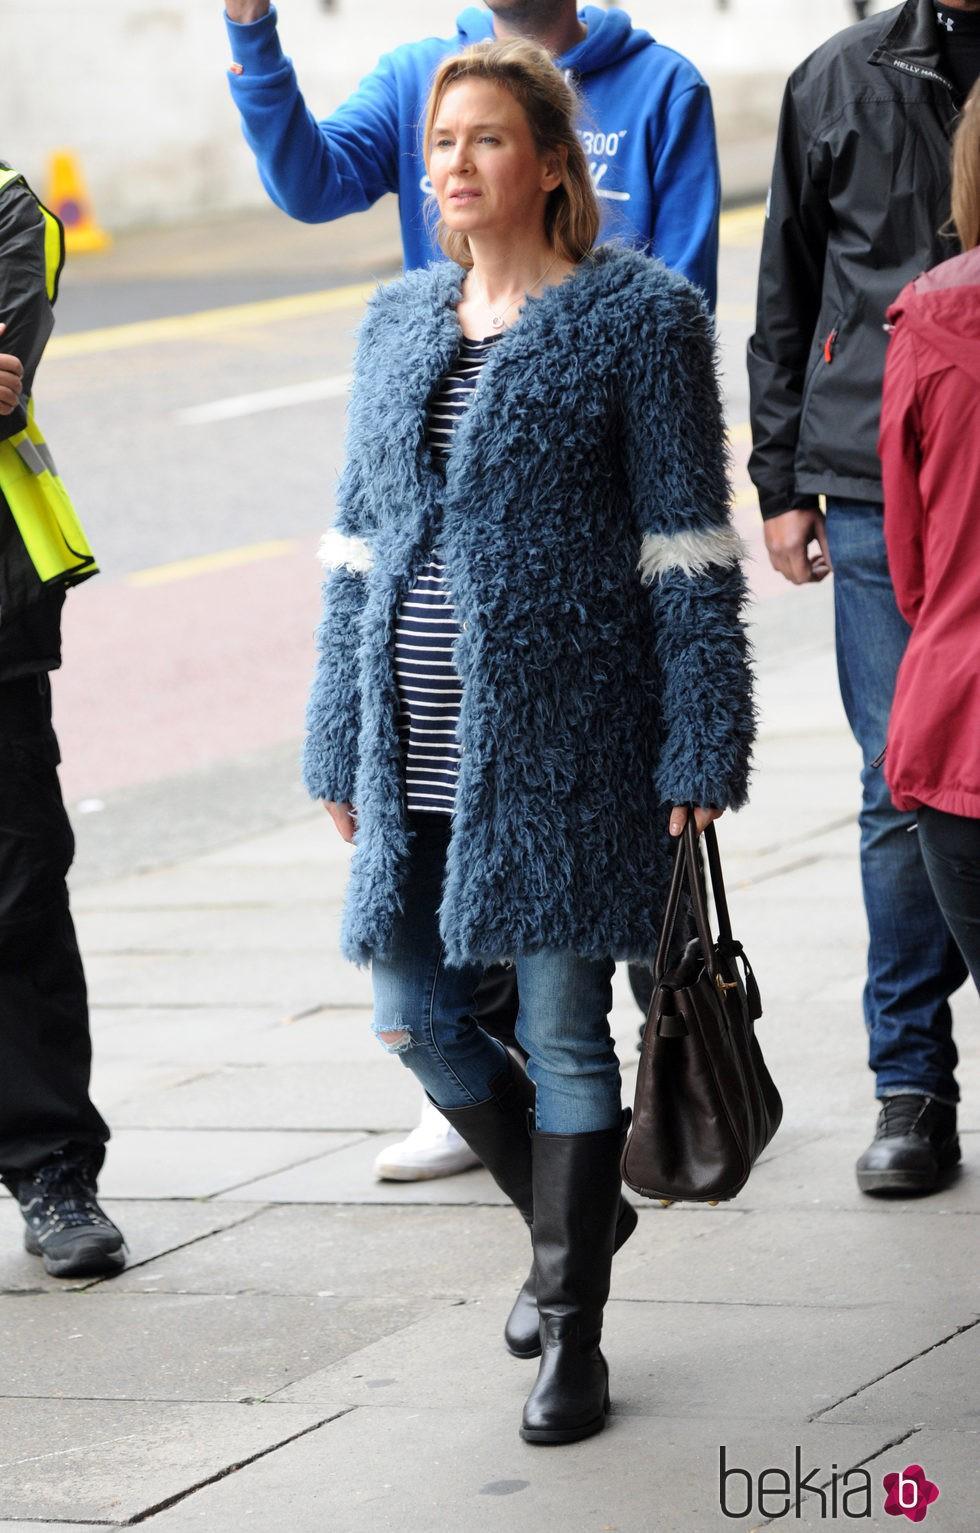 Renée Zellweger, embarazada en 'Bridget Jones baby'